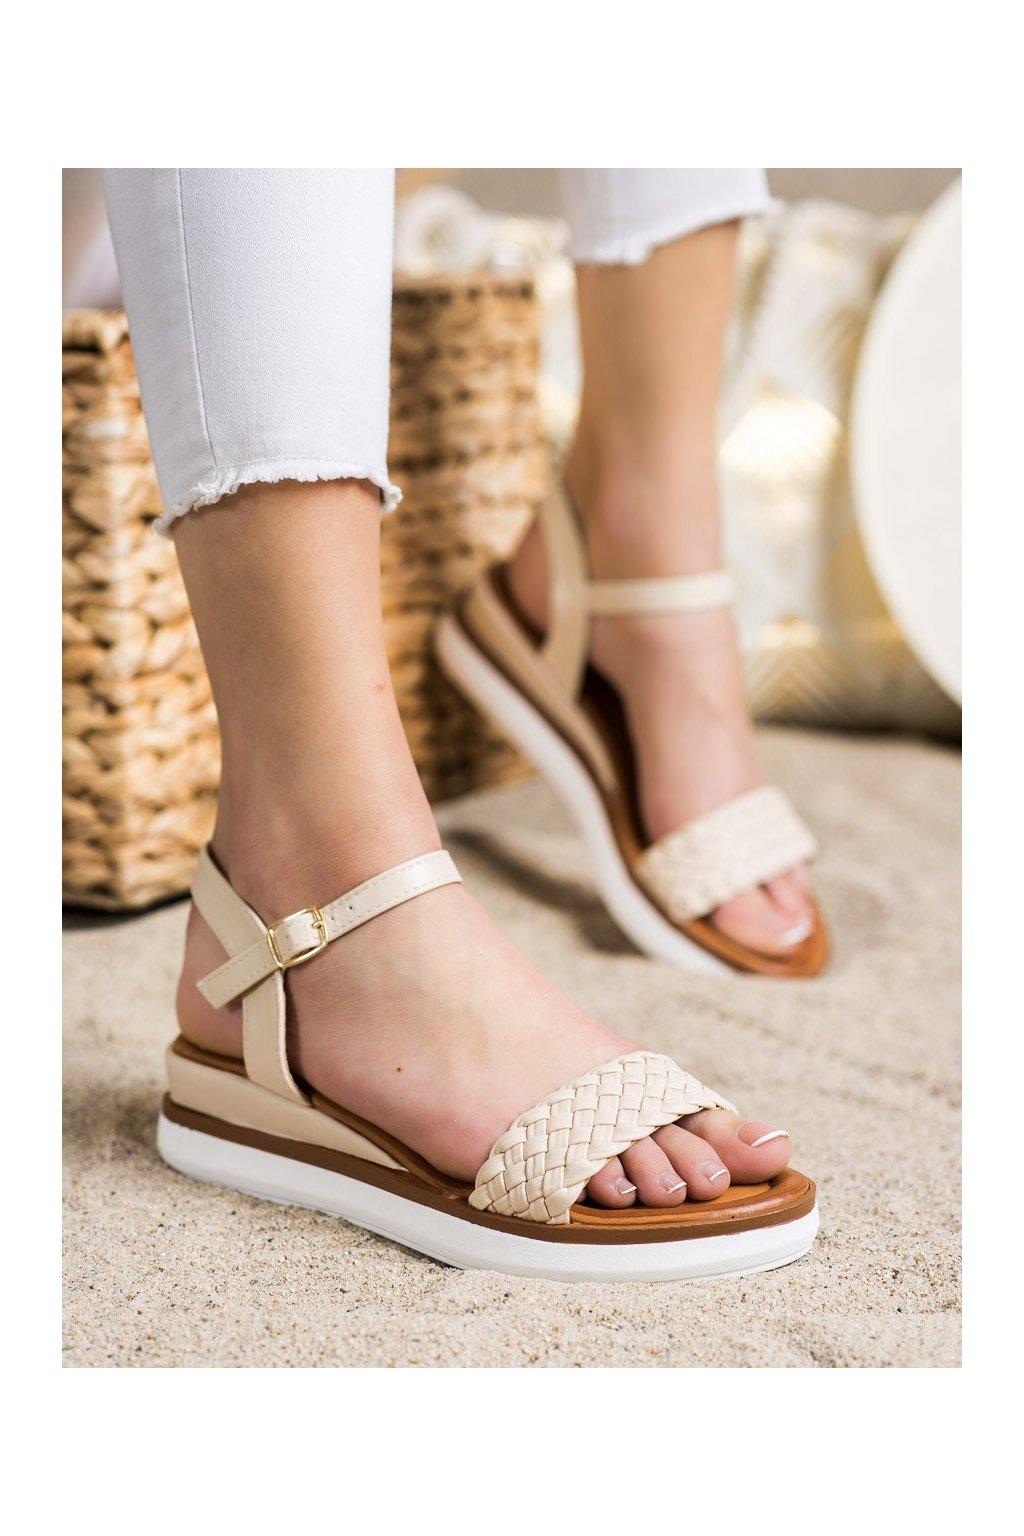 Hnedé sandále Shelovet kod W982BE